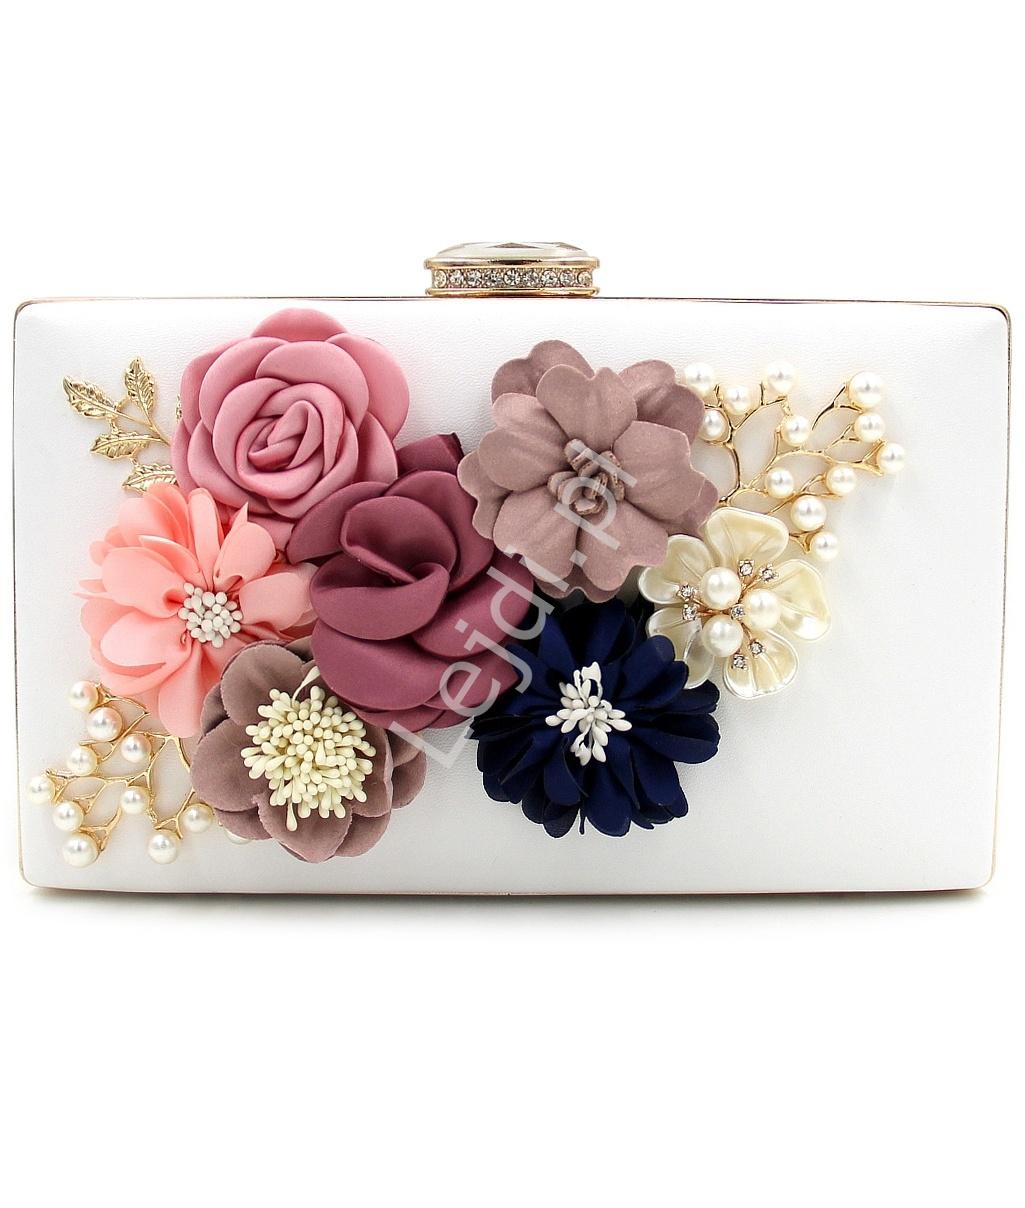 57f5261342b26 Biała torebka ślubno wieczorowa z kwiatami 3D z zapięciem z kryształkami